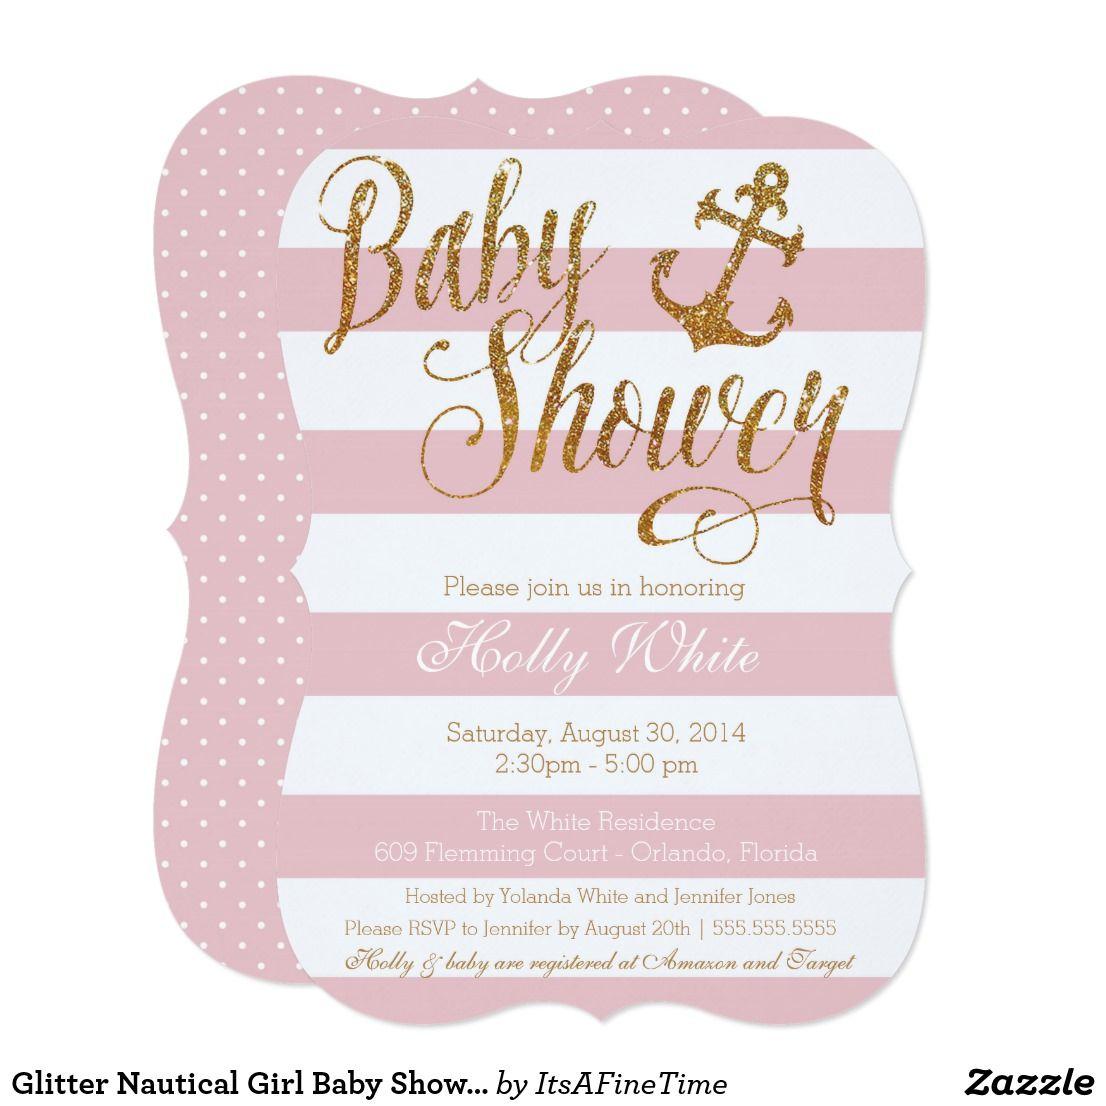 Glitter Nautical Girl Baby Shower Invitation | Nautical theme baby ...